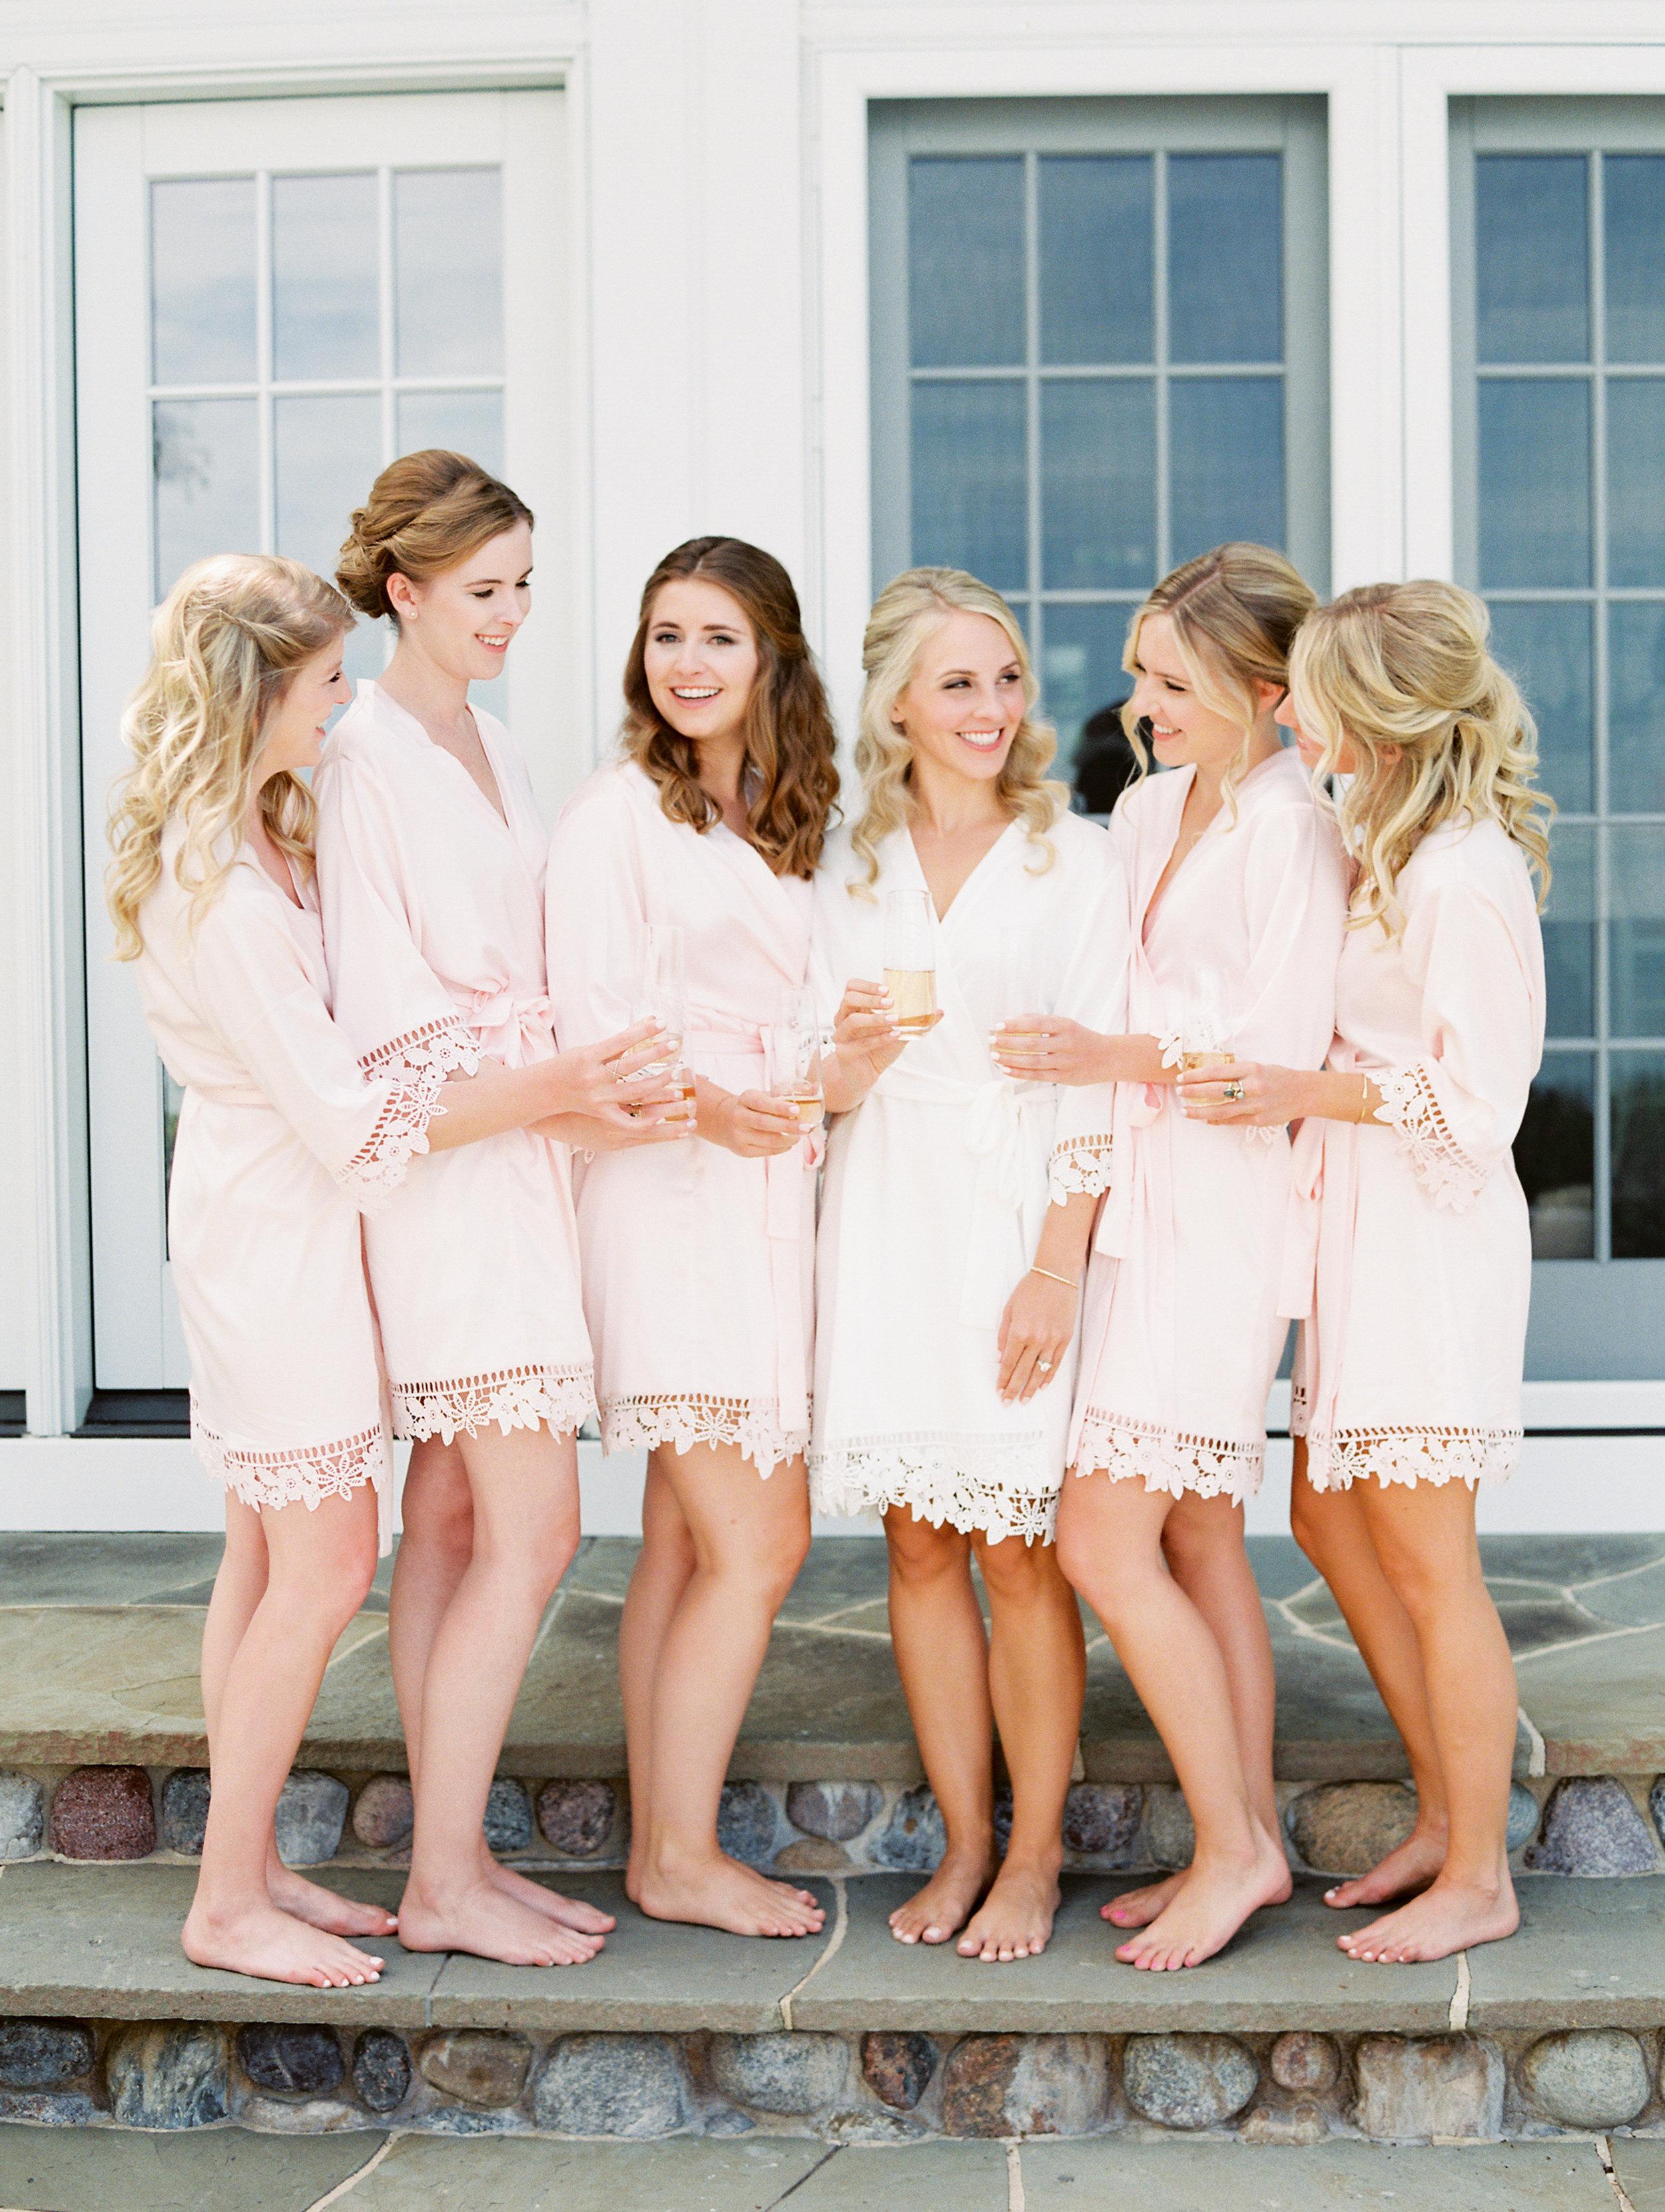 Coffman+Wedding+Getting+Ready+Girls-152.jpg